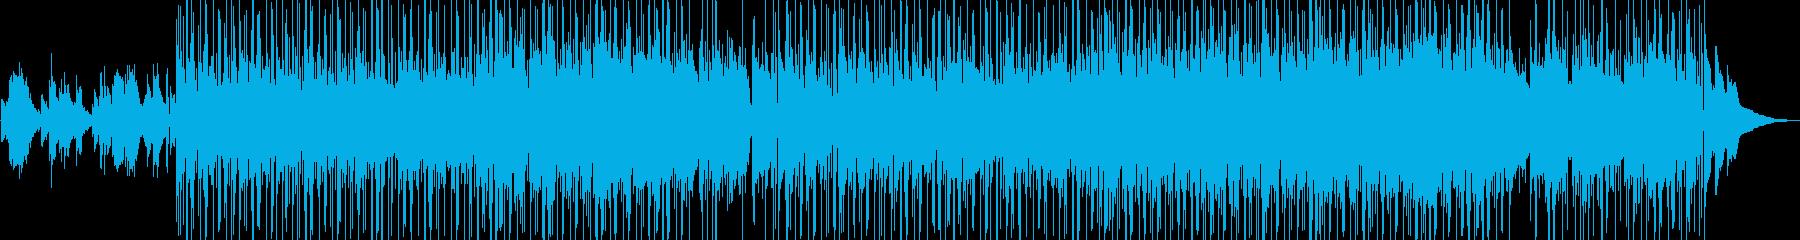 感情に訴える、ピアノ主導の作品。ス...の再生済みの波形